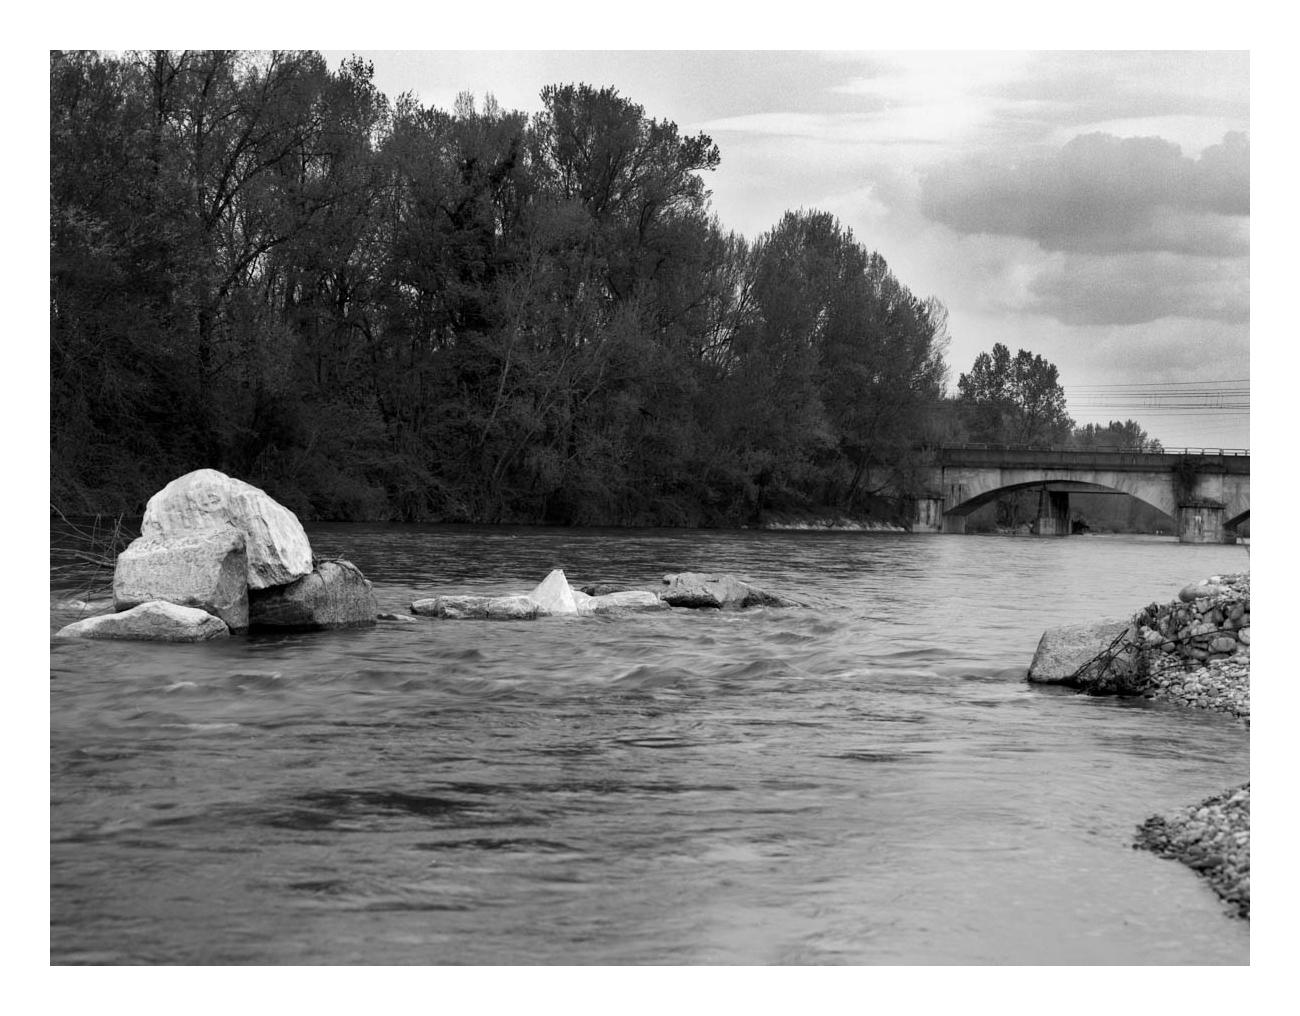 Apr. 2017 - Sulle sponde del fiume (Ticino presso Trecate - Novara) - 4x5 Tmax100